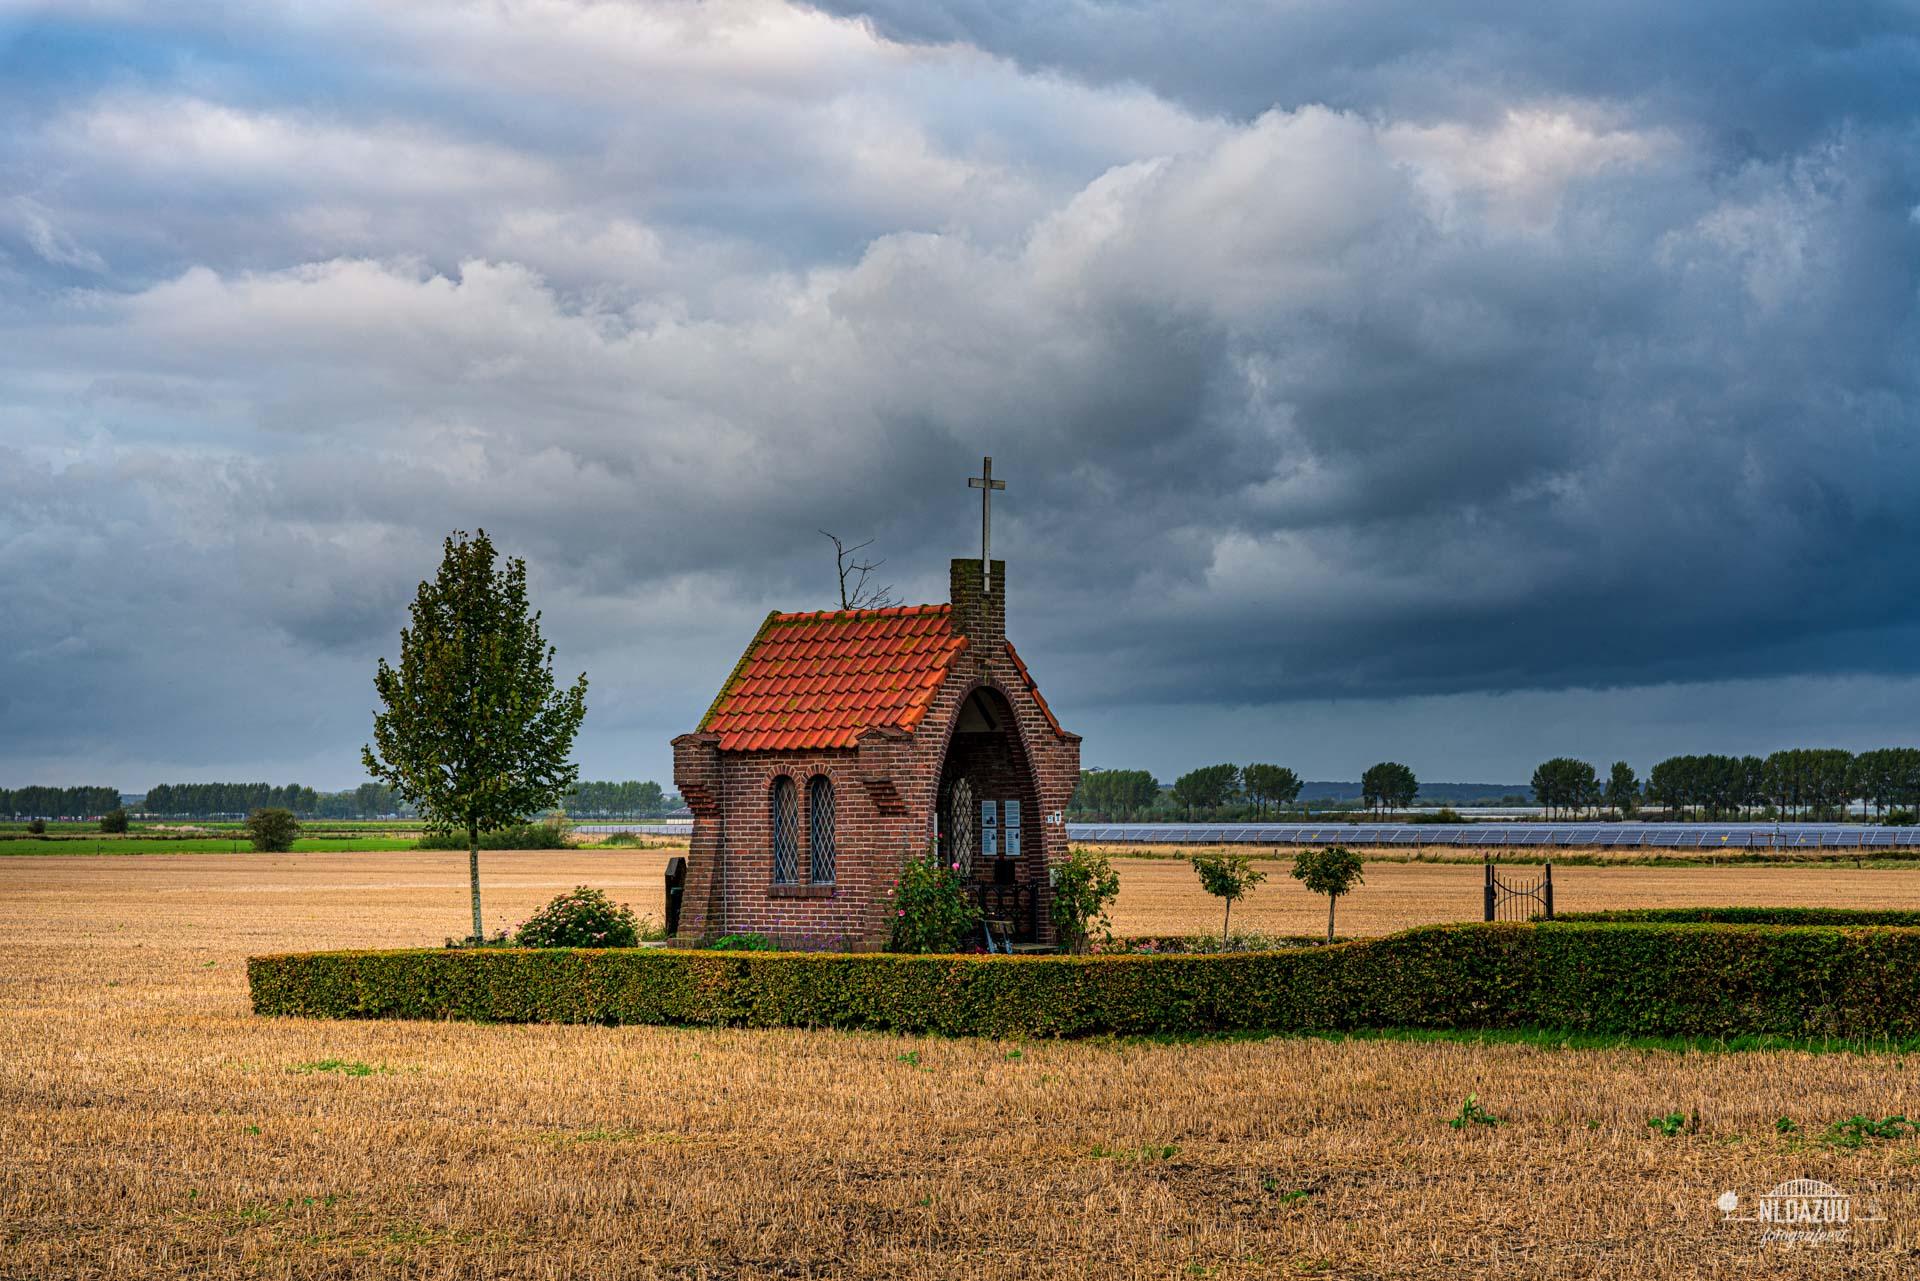 Kapelletje_0002